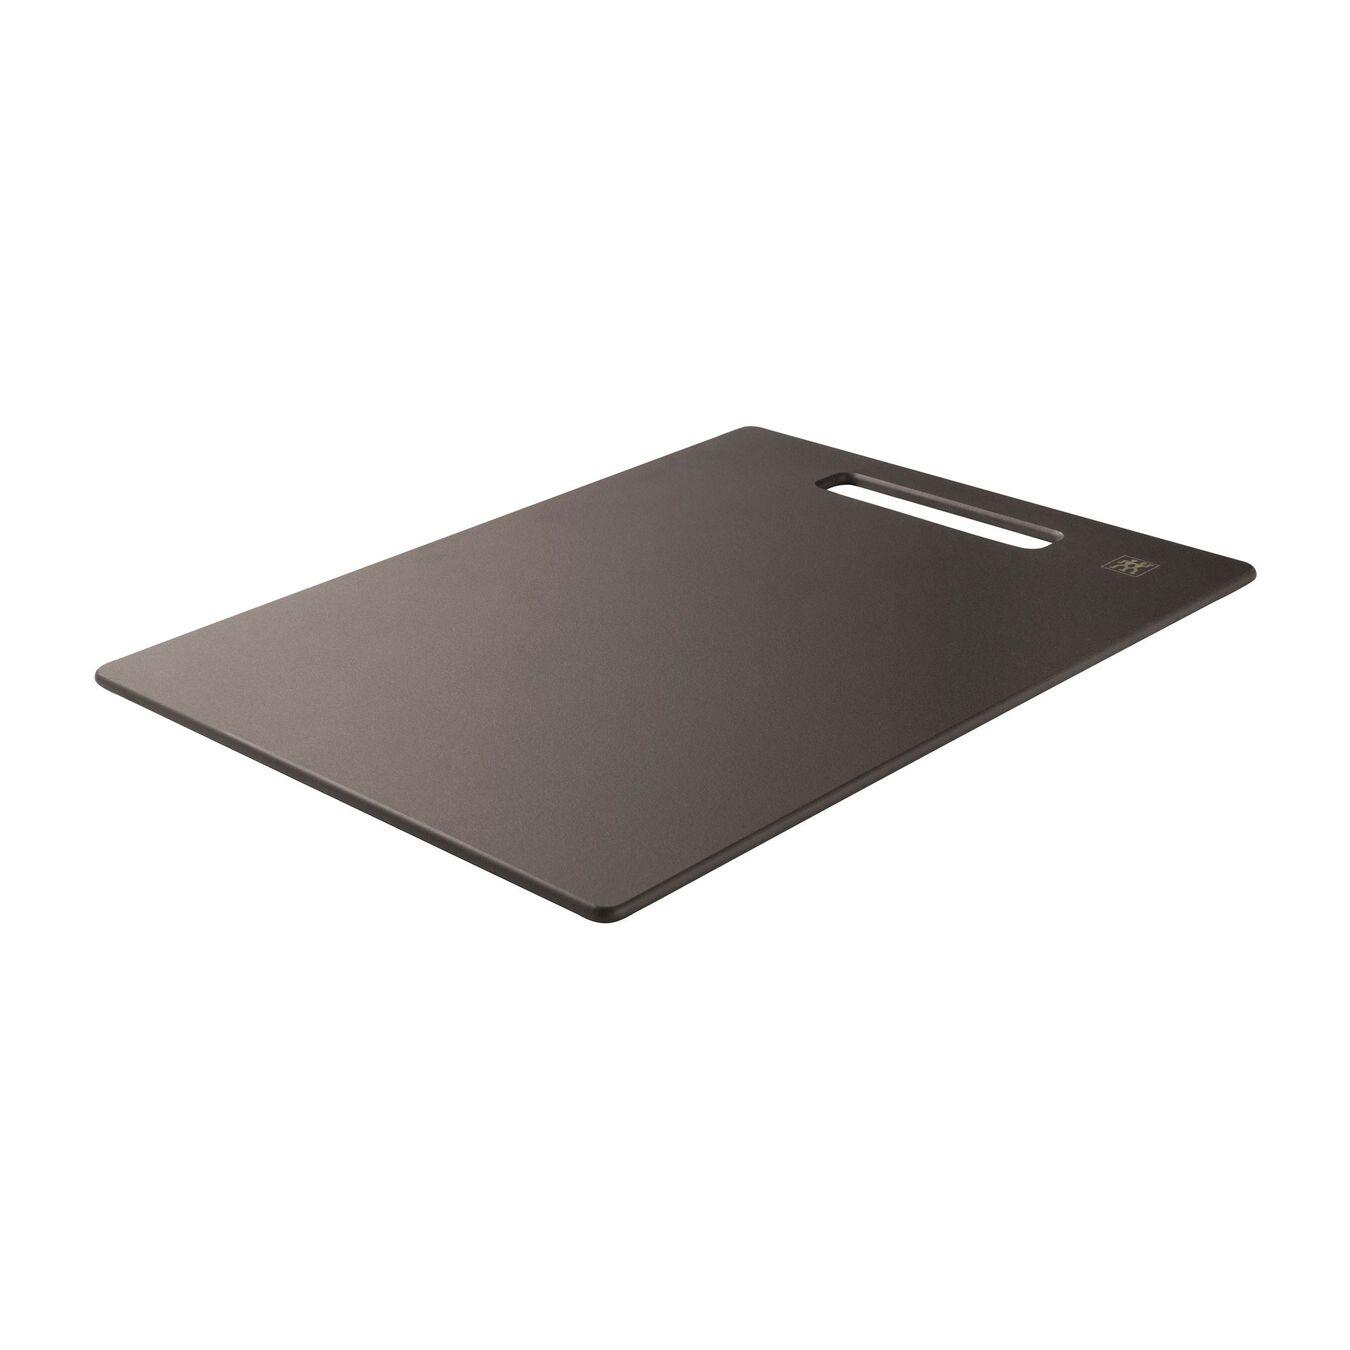 Cutting board 38 cm x 28 cm,,large 2